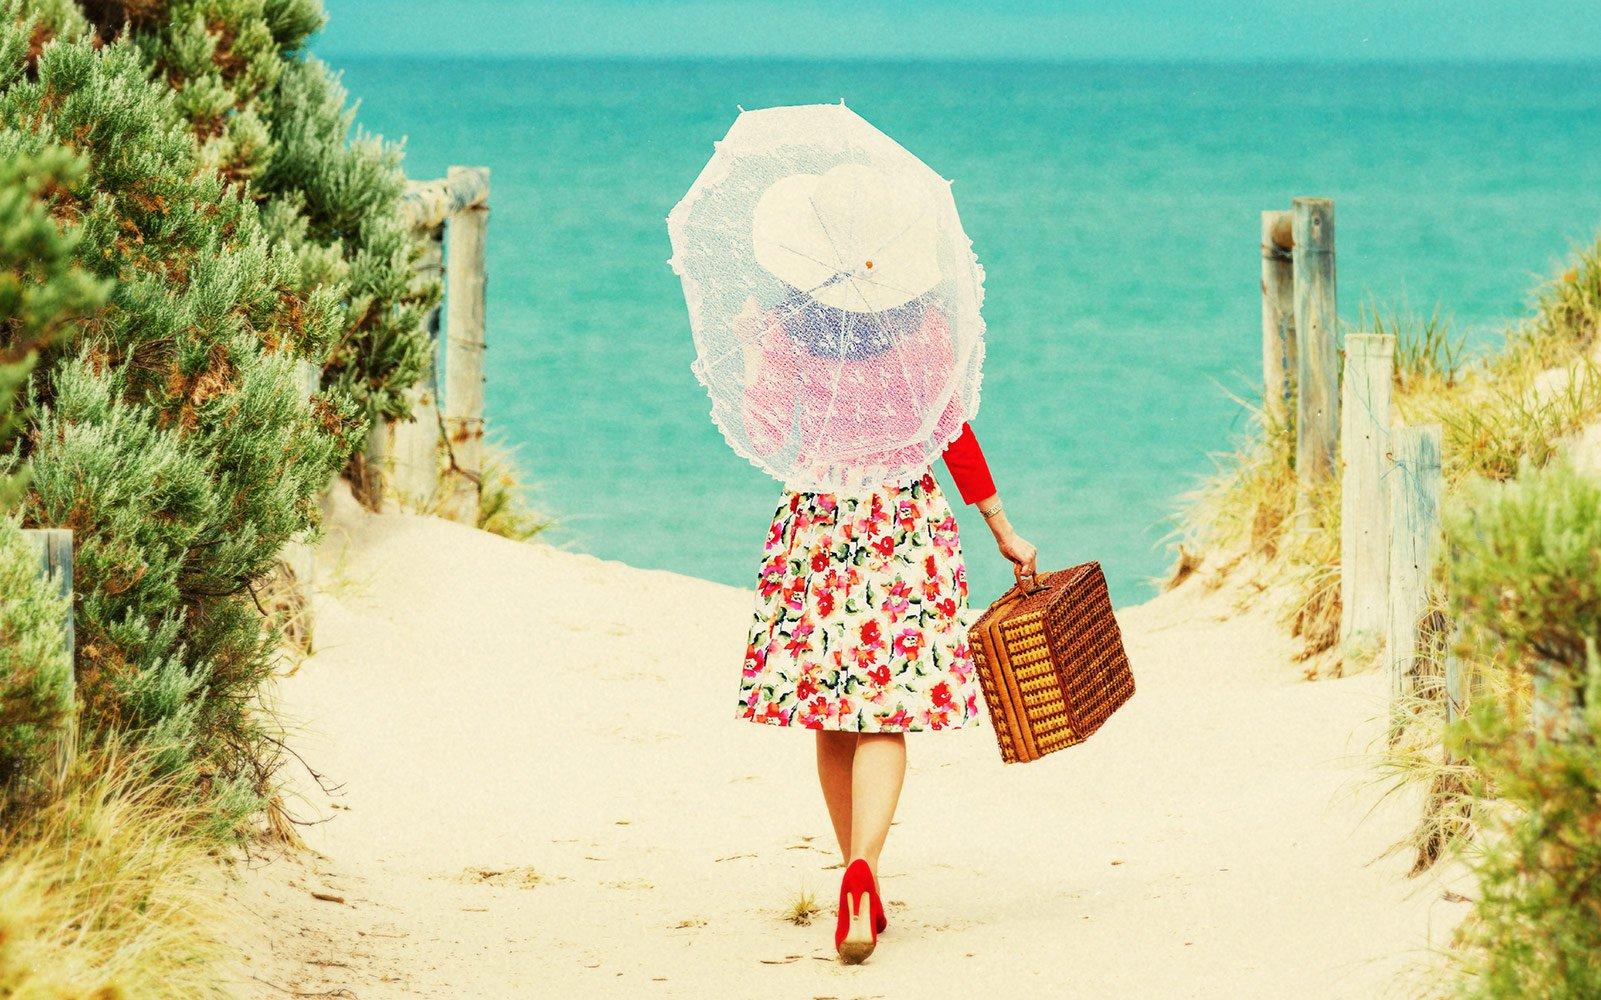 картинка с чемоданами на море скоро украинские курортные